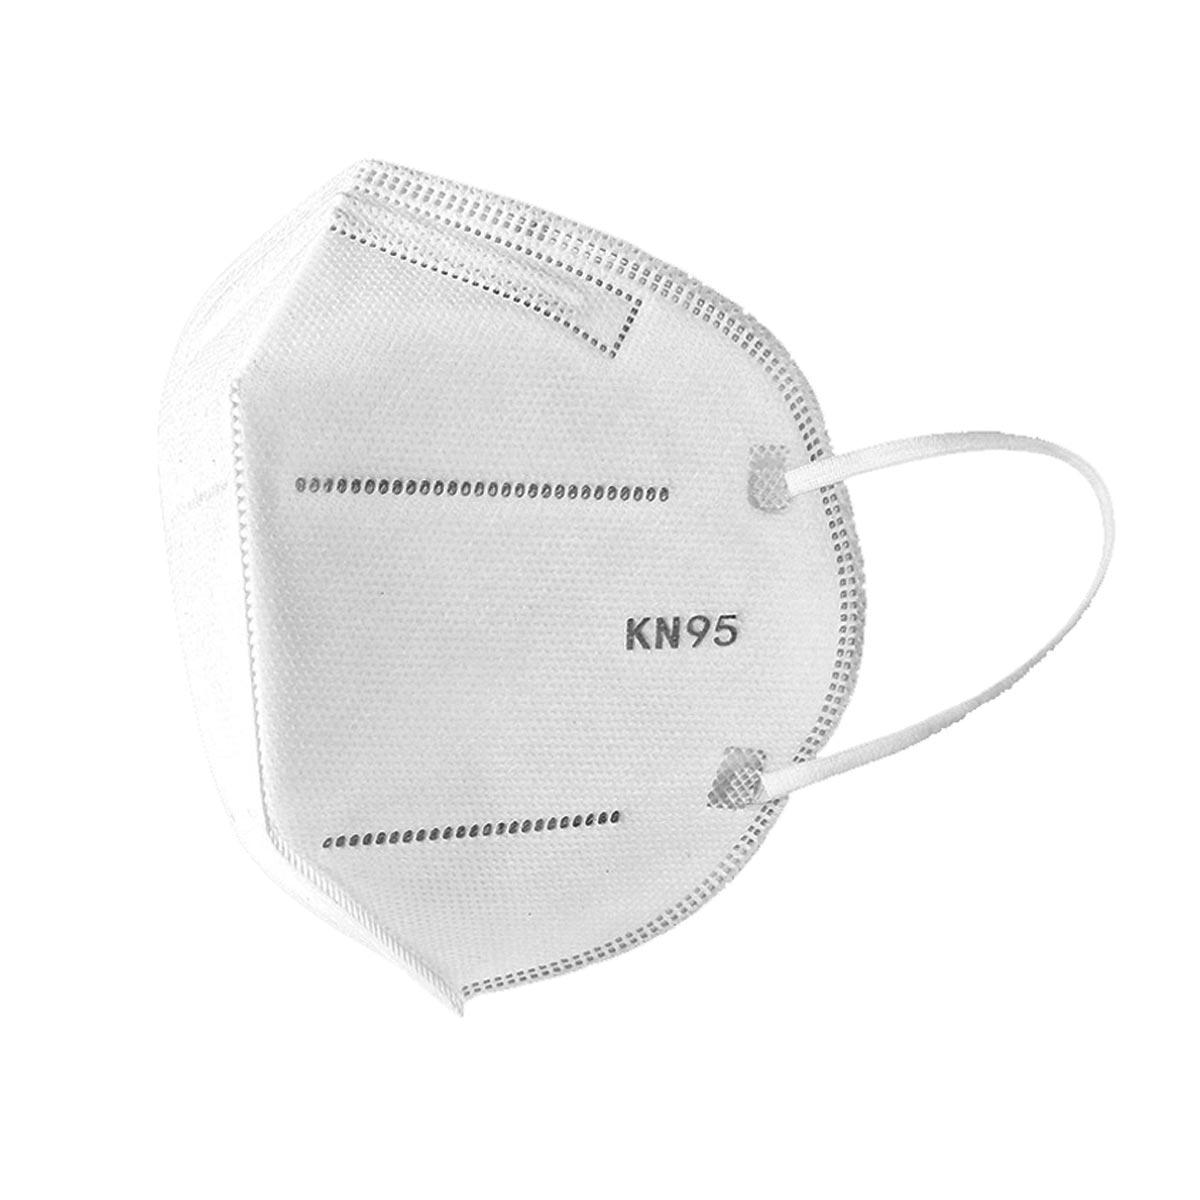 AST Global supplies KN95 Face Masks - PPE